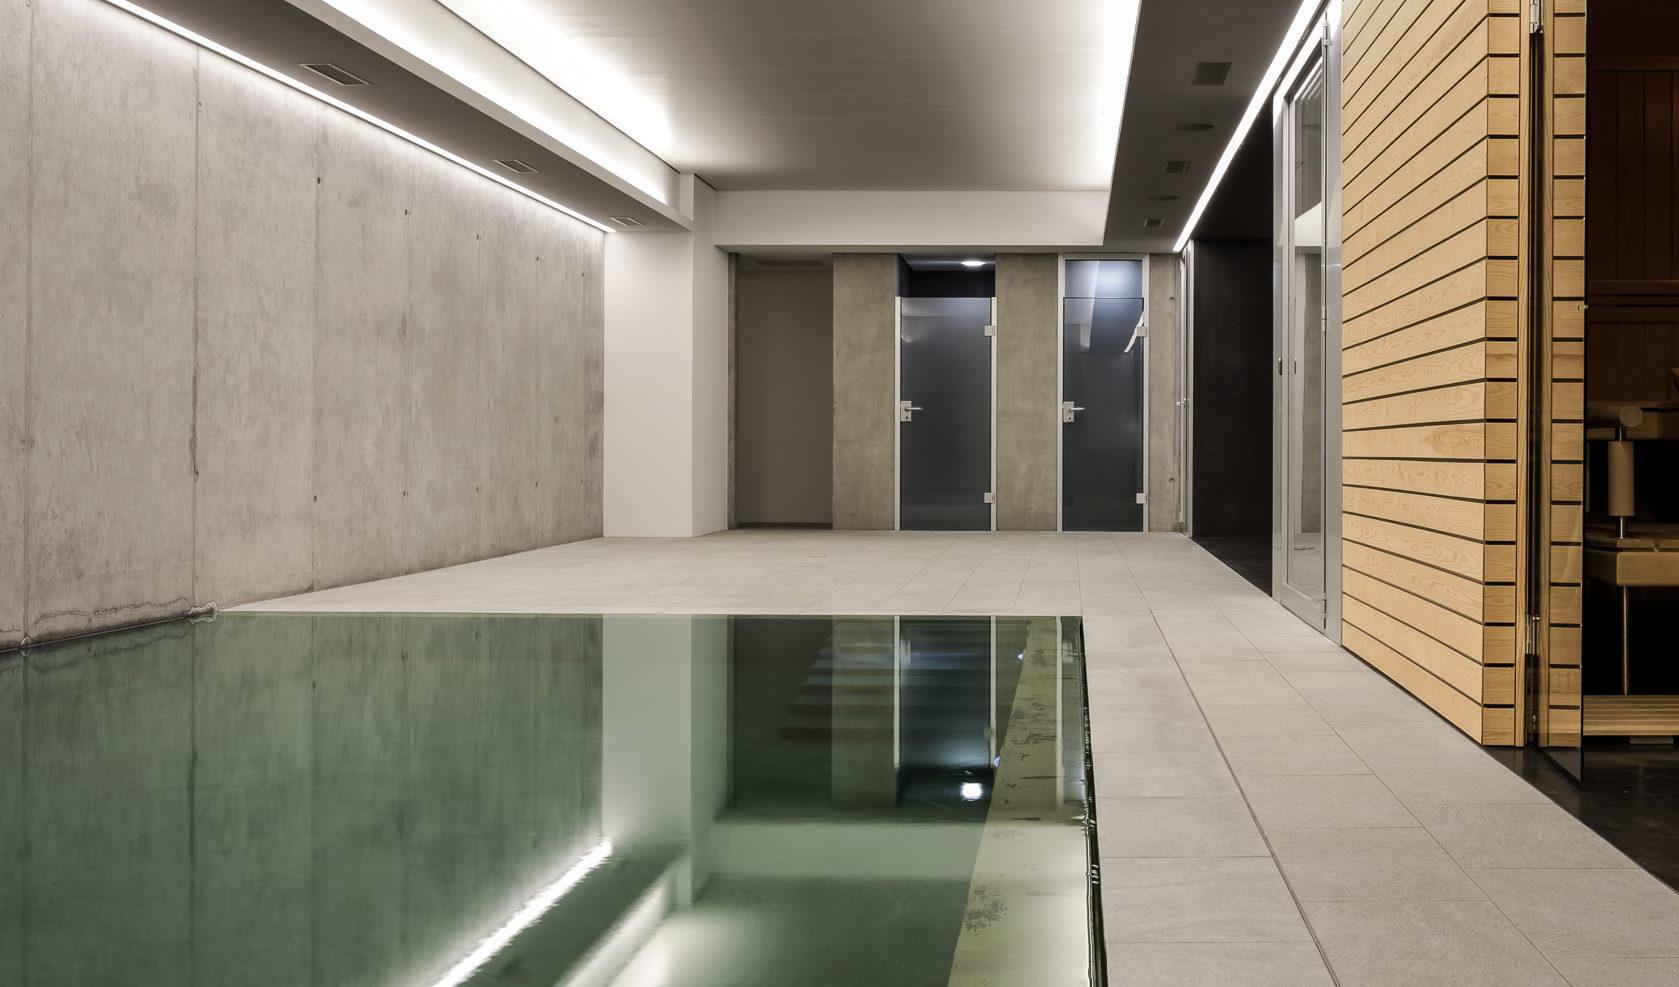 Moderne Poolanlage mit Sauna Ruku Thermium RUKU Schweiz Offizielle Vertretung RR Variationen GmbH RRV